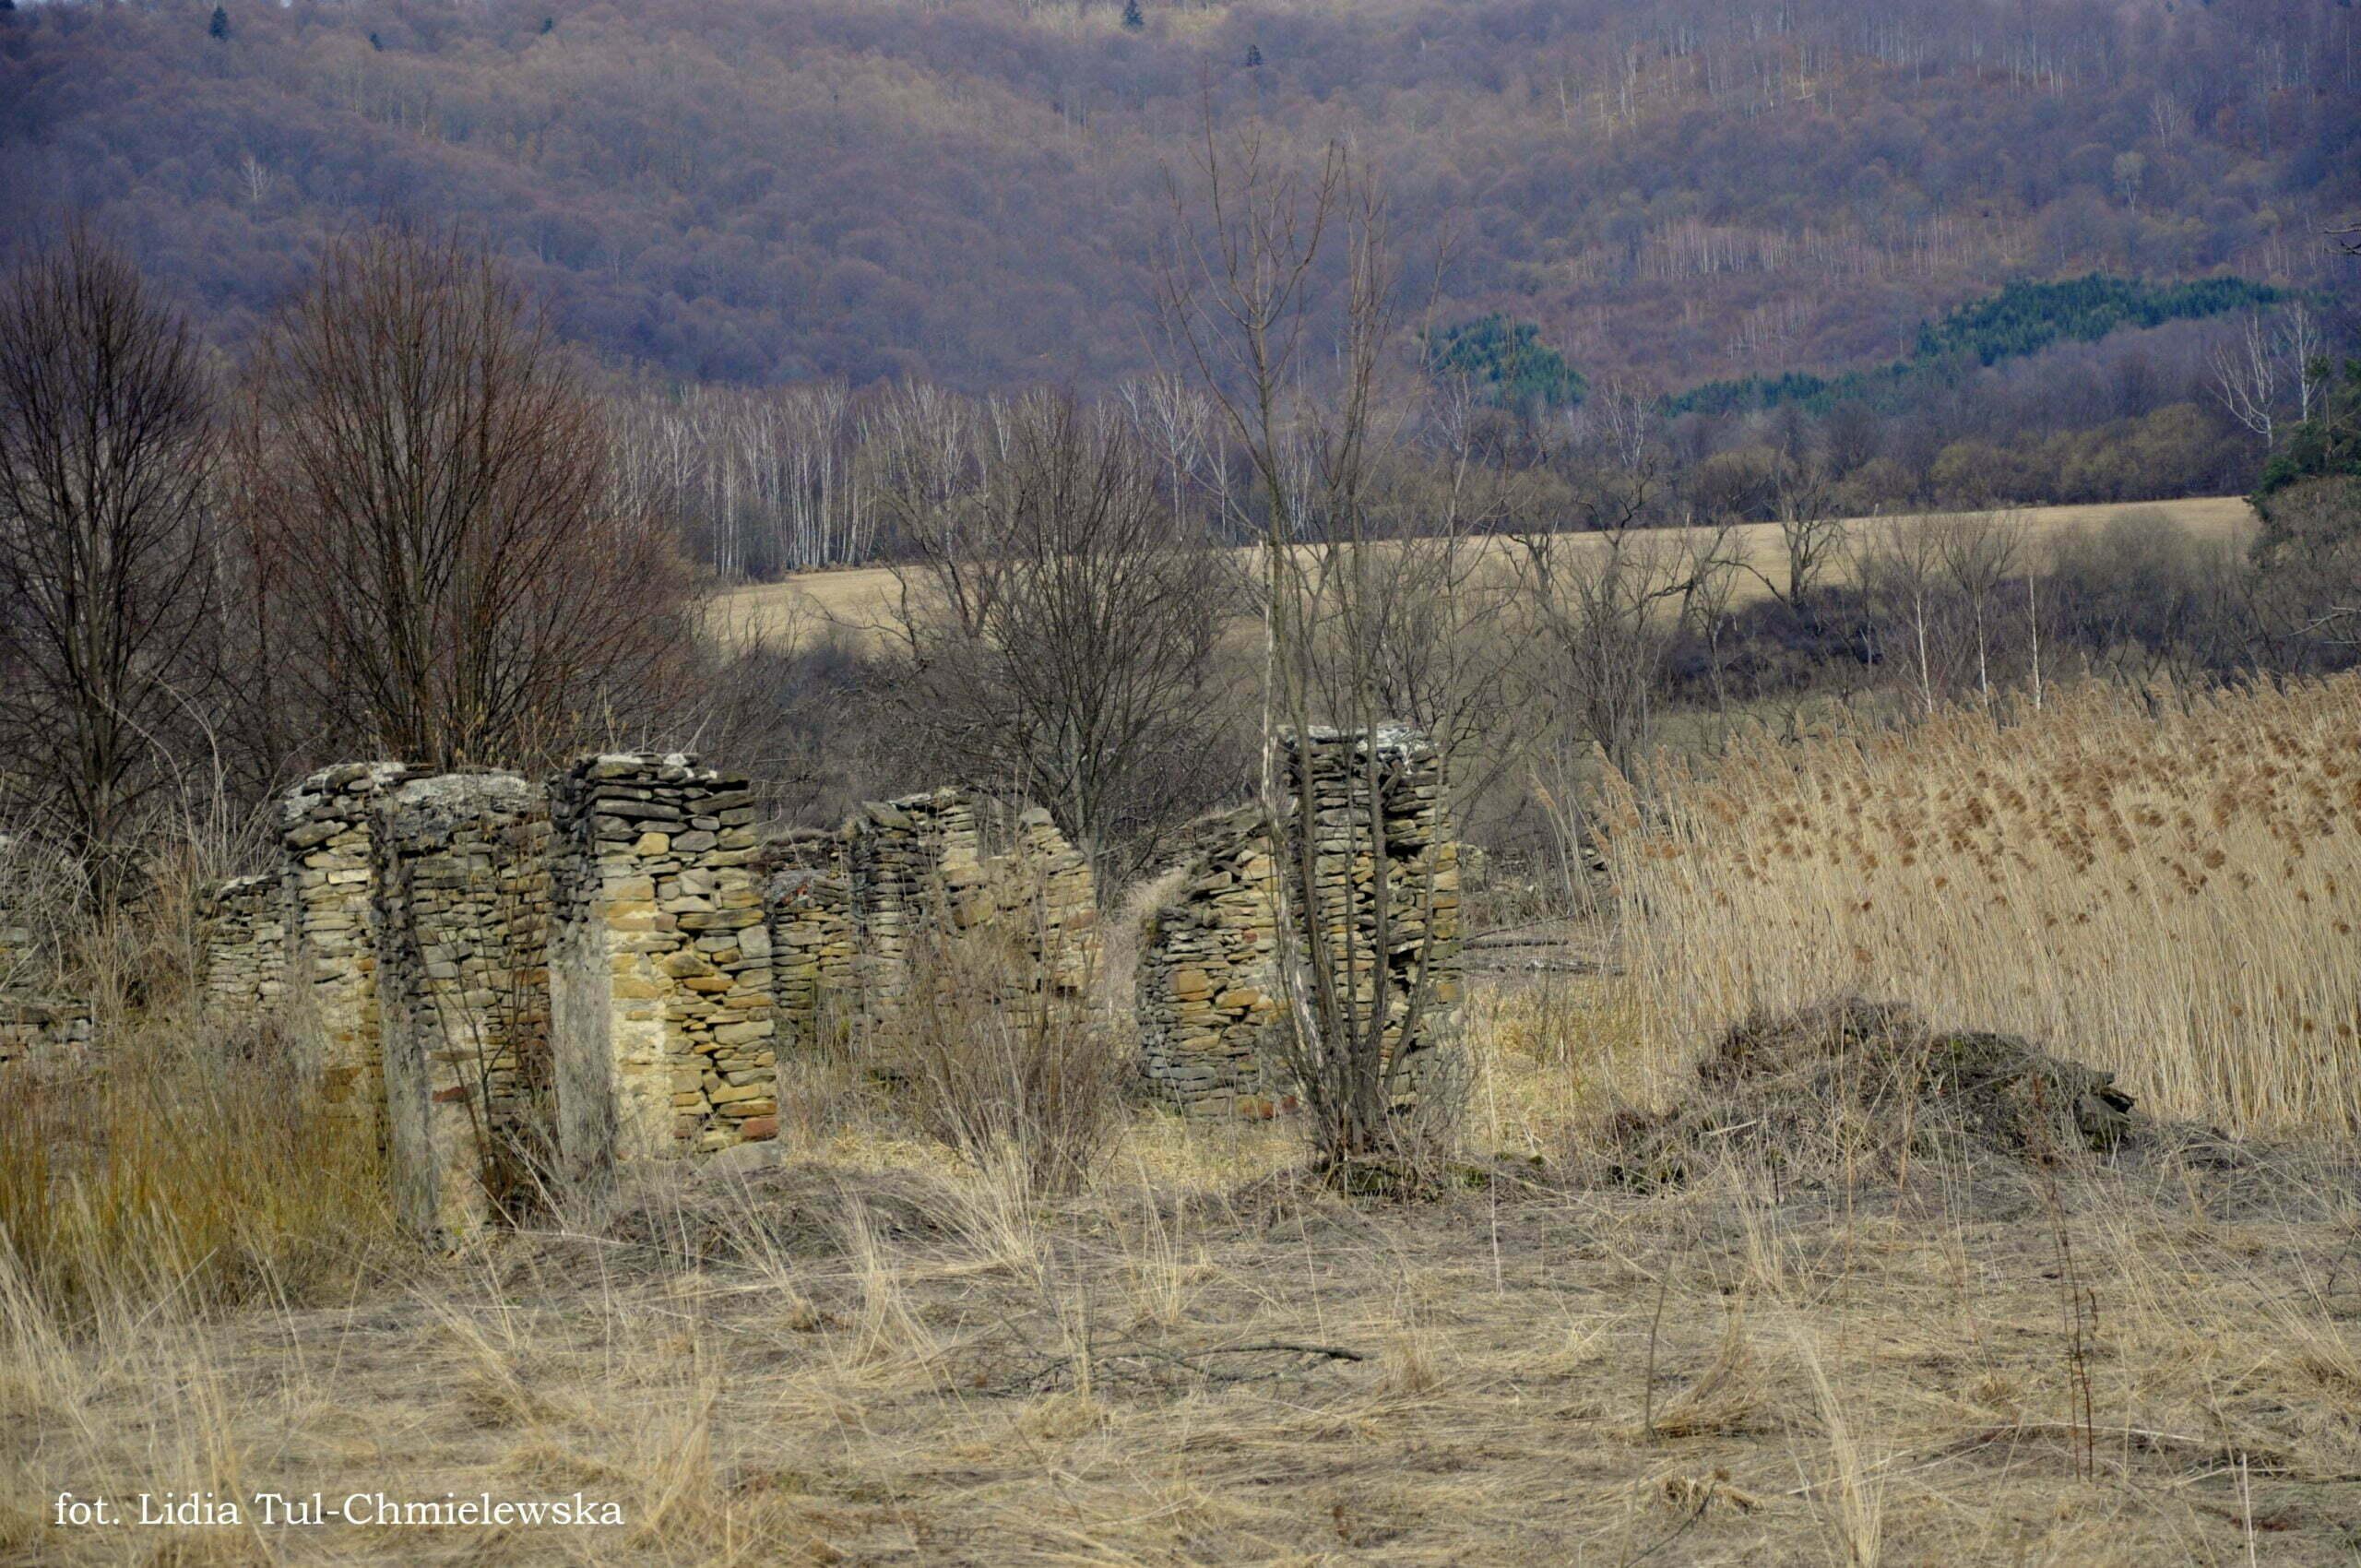 Ruiny stajni dworskich Tworylne fot. Lidia Tul-Chmielewska